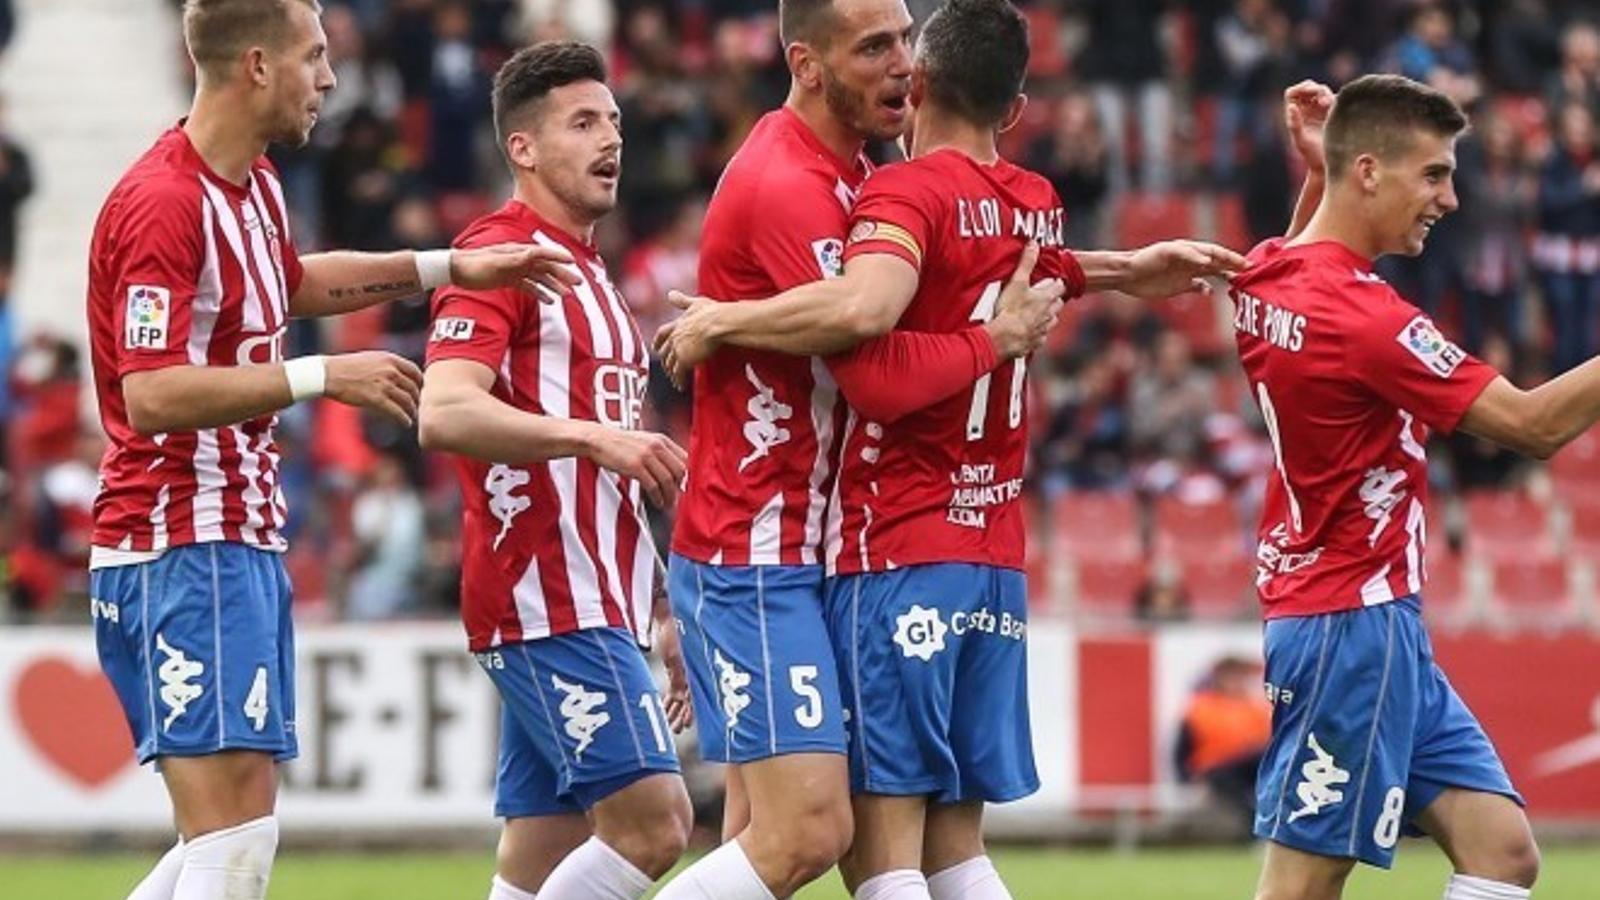 L'alegria dels jugadors del Girona